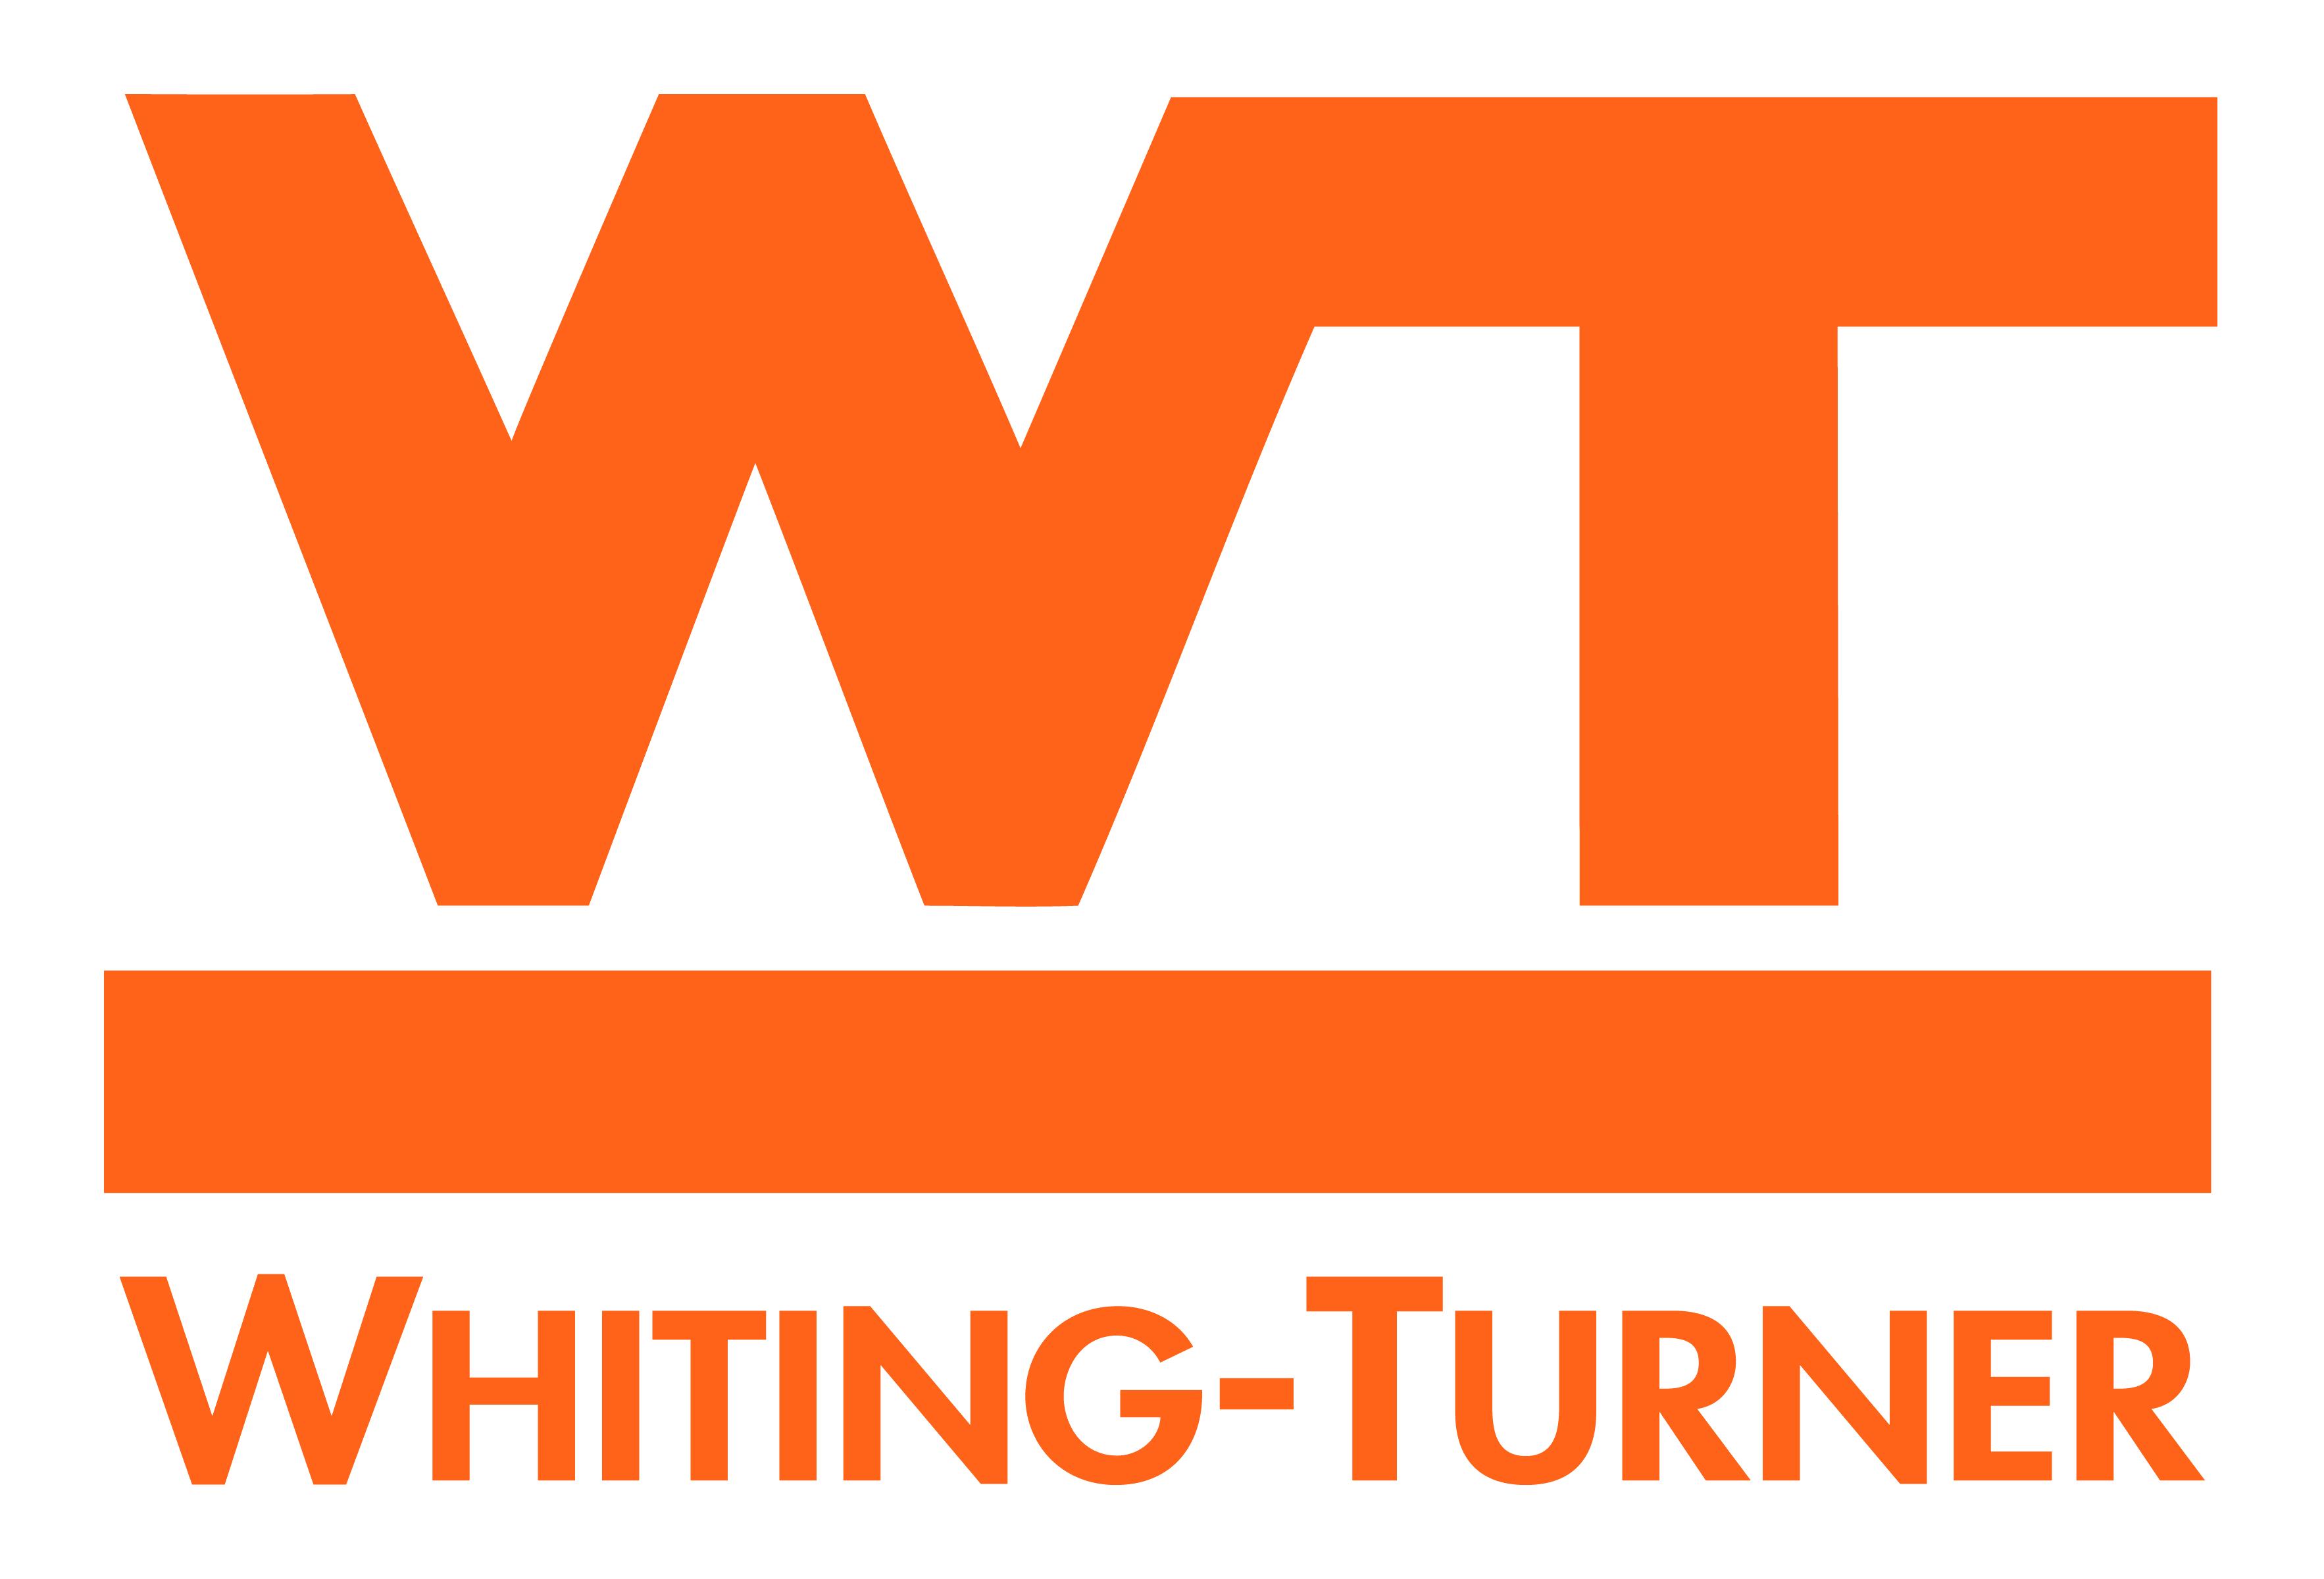 WT-Orange